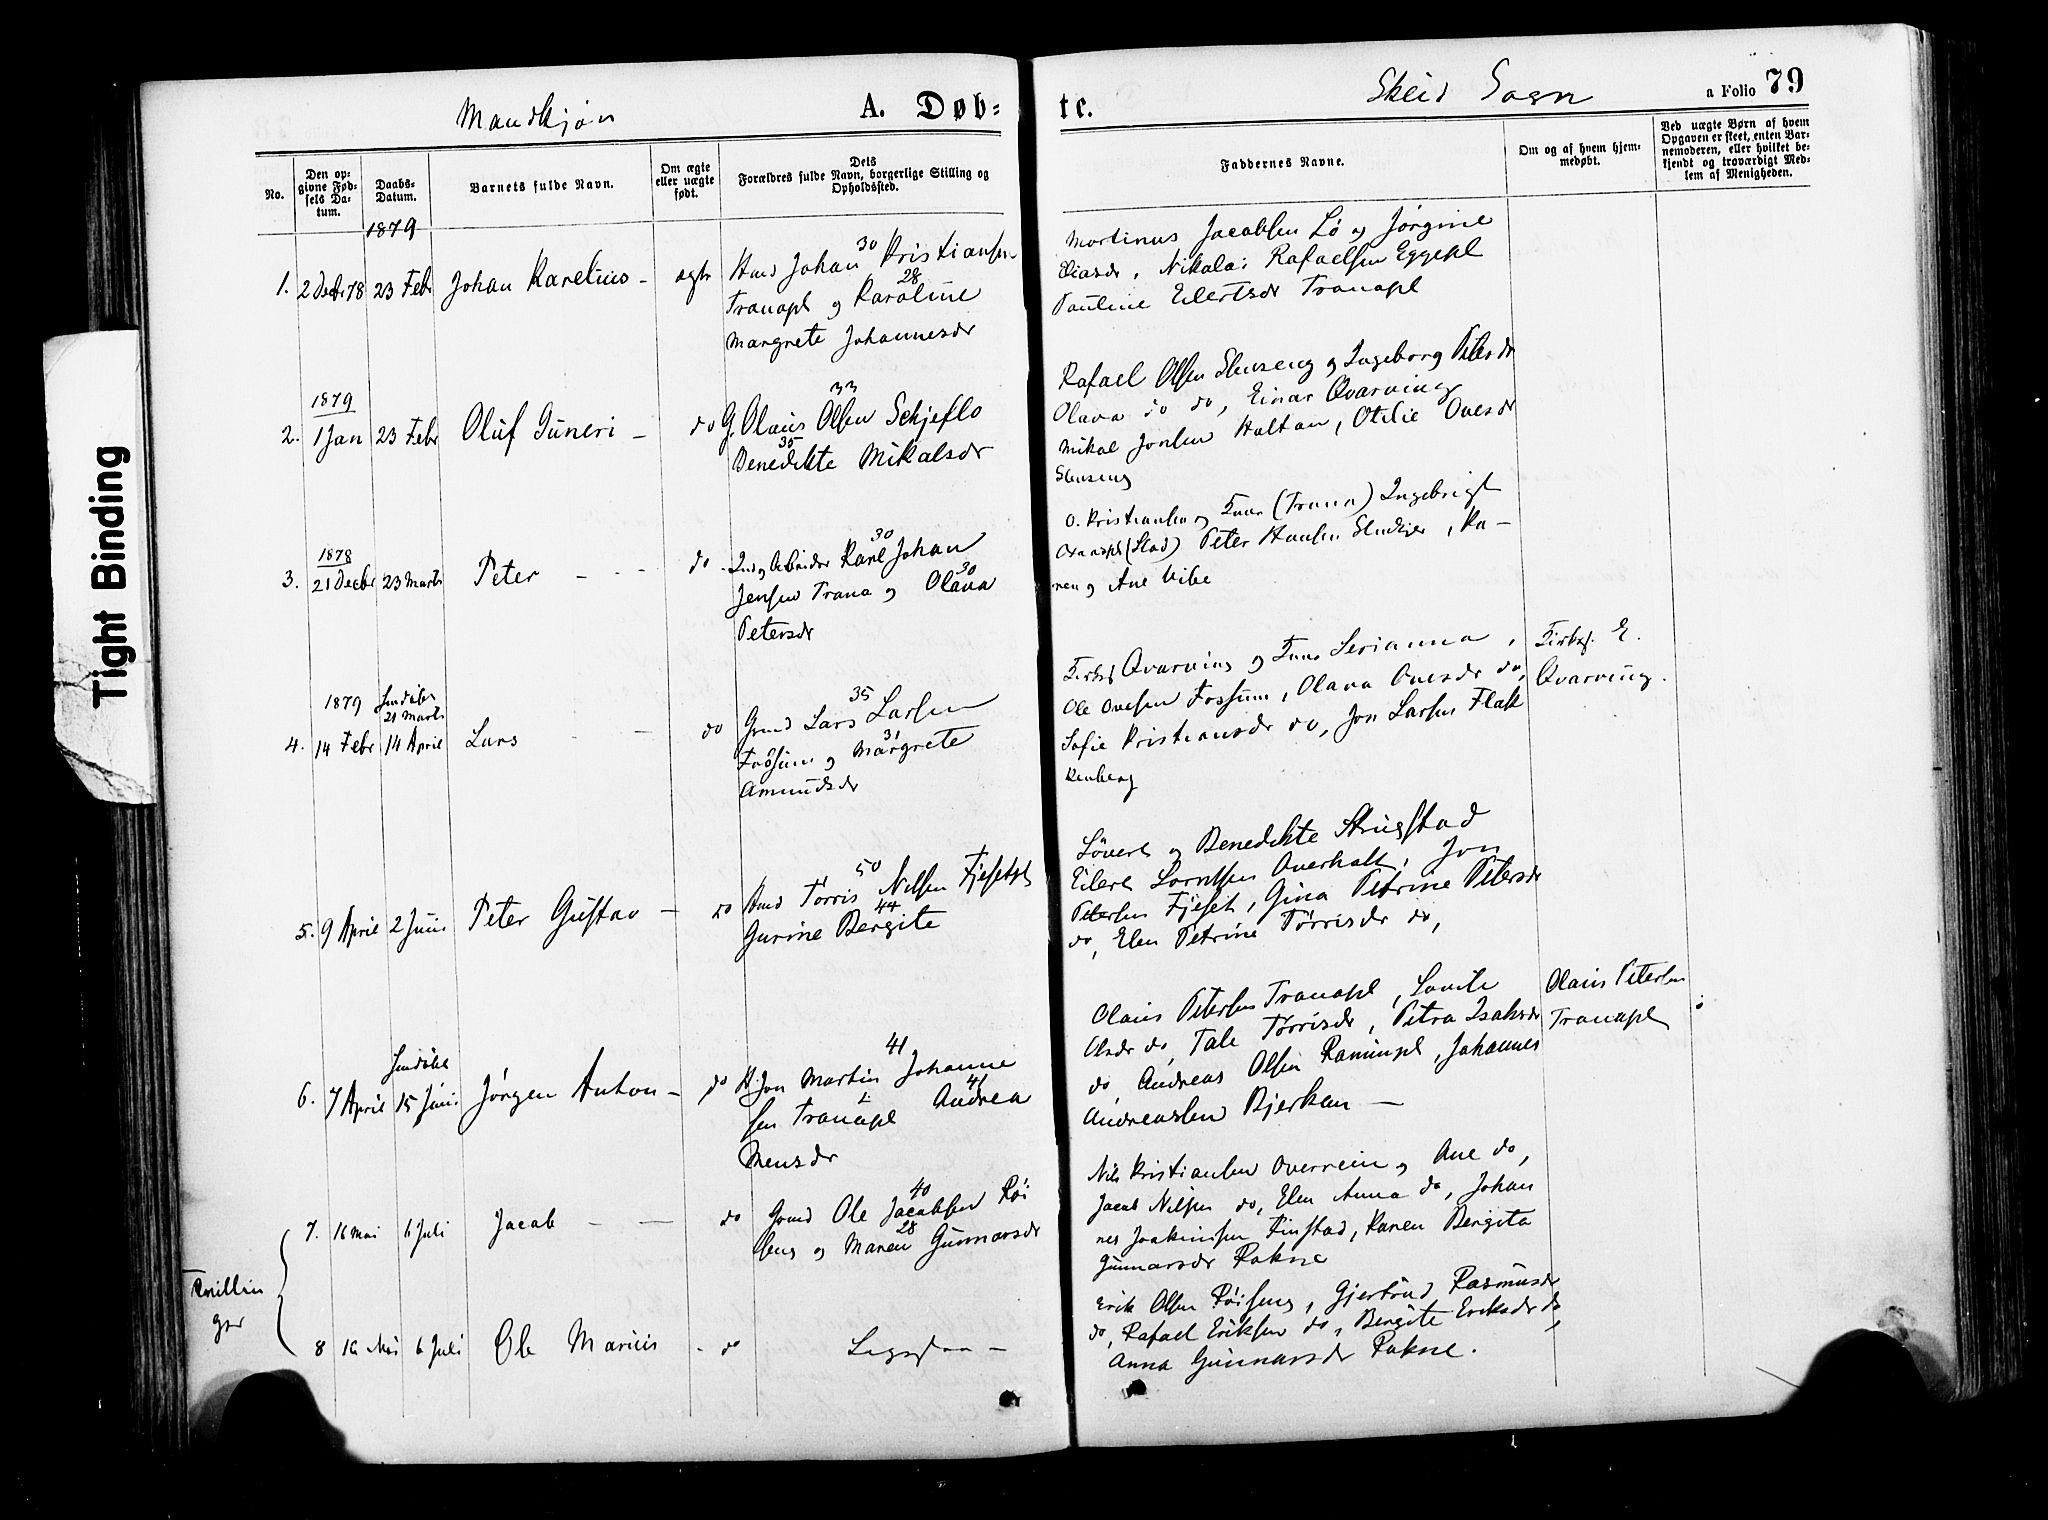 SAT, Ministerialprotokoller, klokkerbøker og fødselsregistre - Nord-Trøndelag, 735/L0348: Ministerialbok nr. 735A09 /2, 1873-1883, s. 79